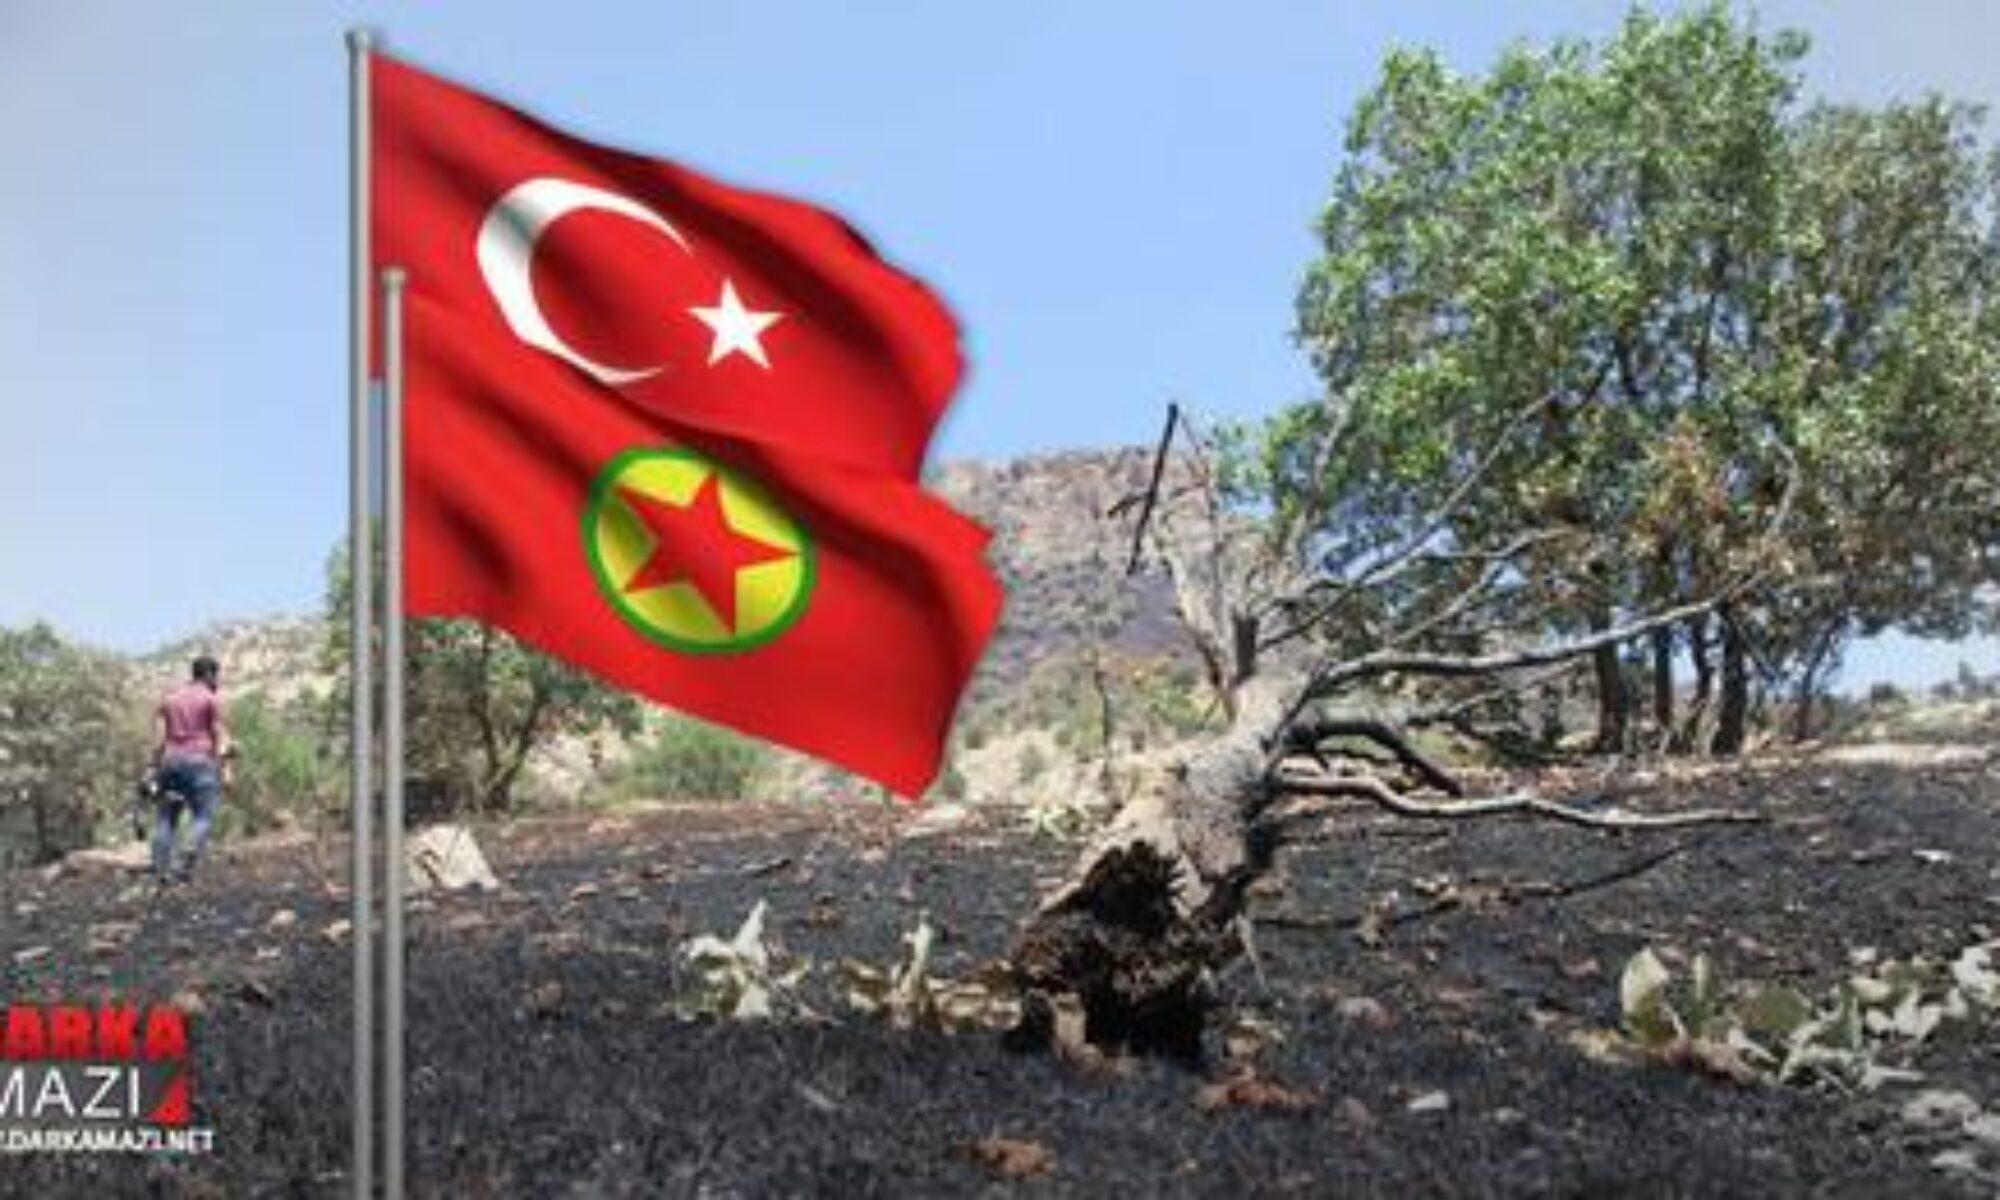 TSK ve PKK çatışmasının son iki ay içinde doğada yarattığı tahribatın bilançosu açıklandı Duhok; Zaxo, Derkare; Amediye, PKK, orman köy boşaltma